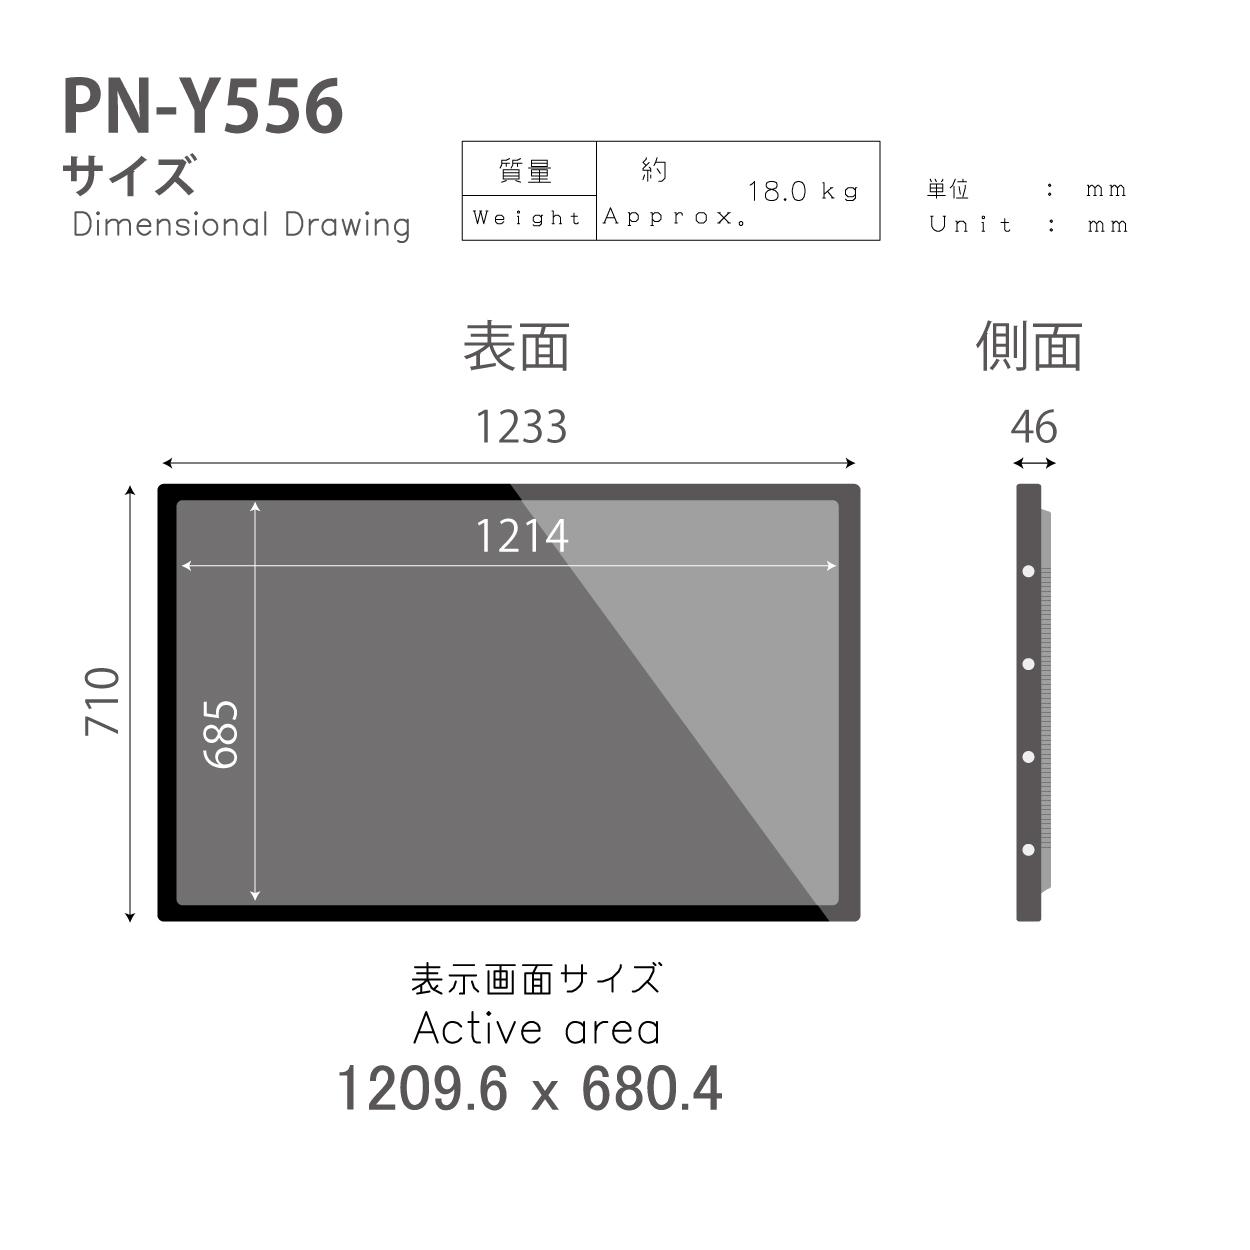 【メーカー欠品予約受付中】【シャープ】デジタルサイネージ PN-Y556 55インチタイプ +壁掛金具セット